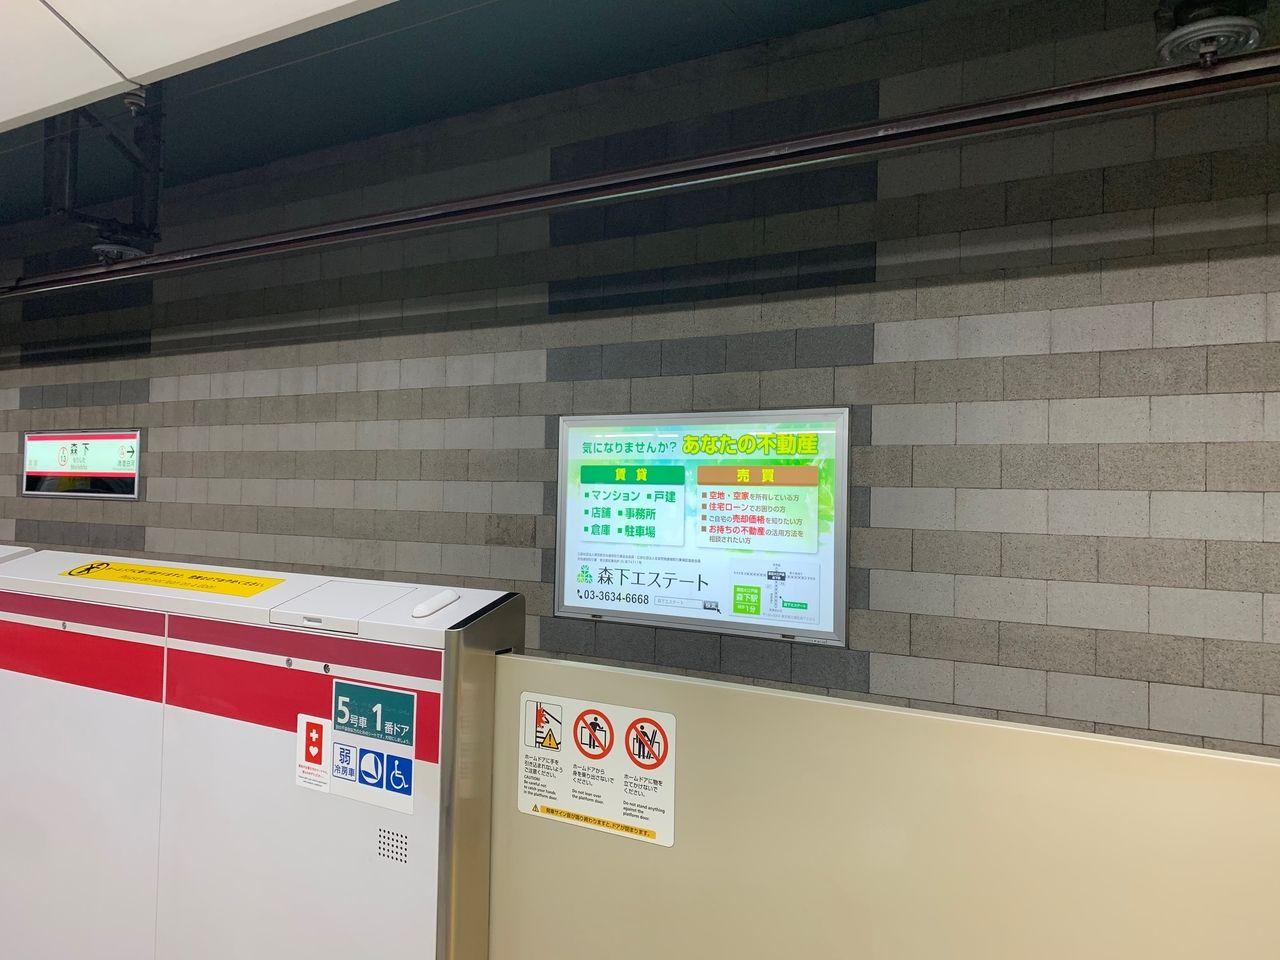 都営大江戸線森下駅ホーム広告看板